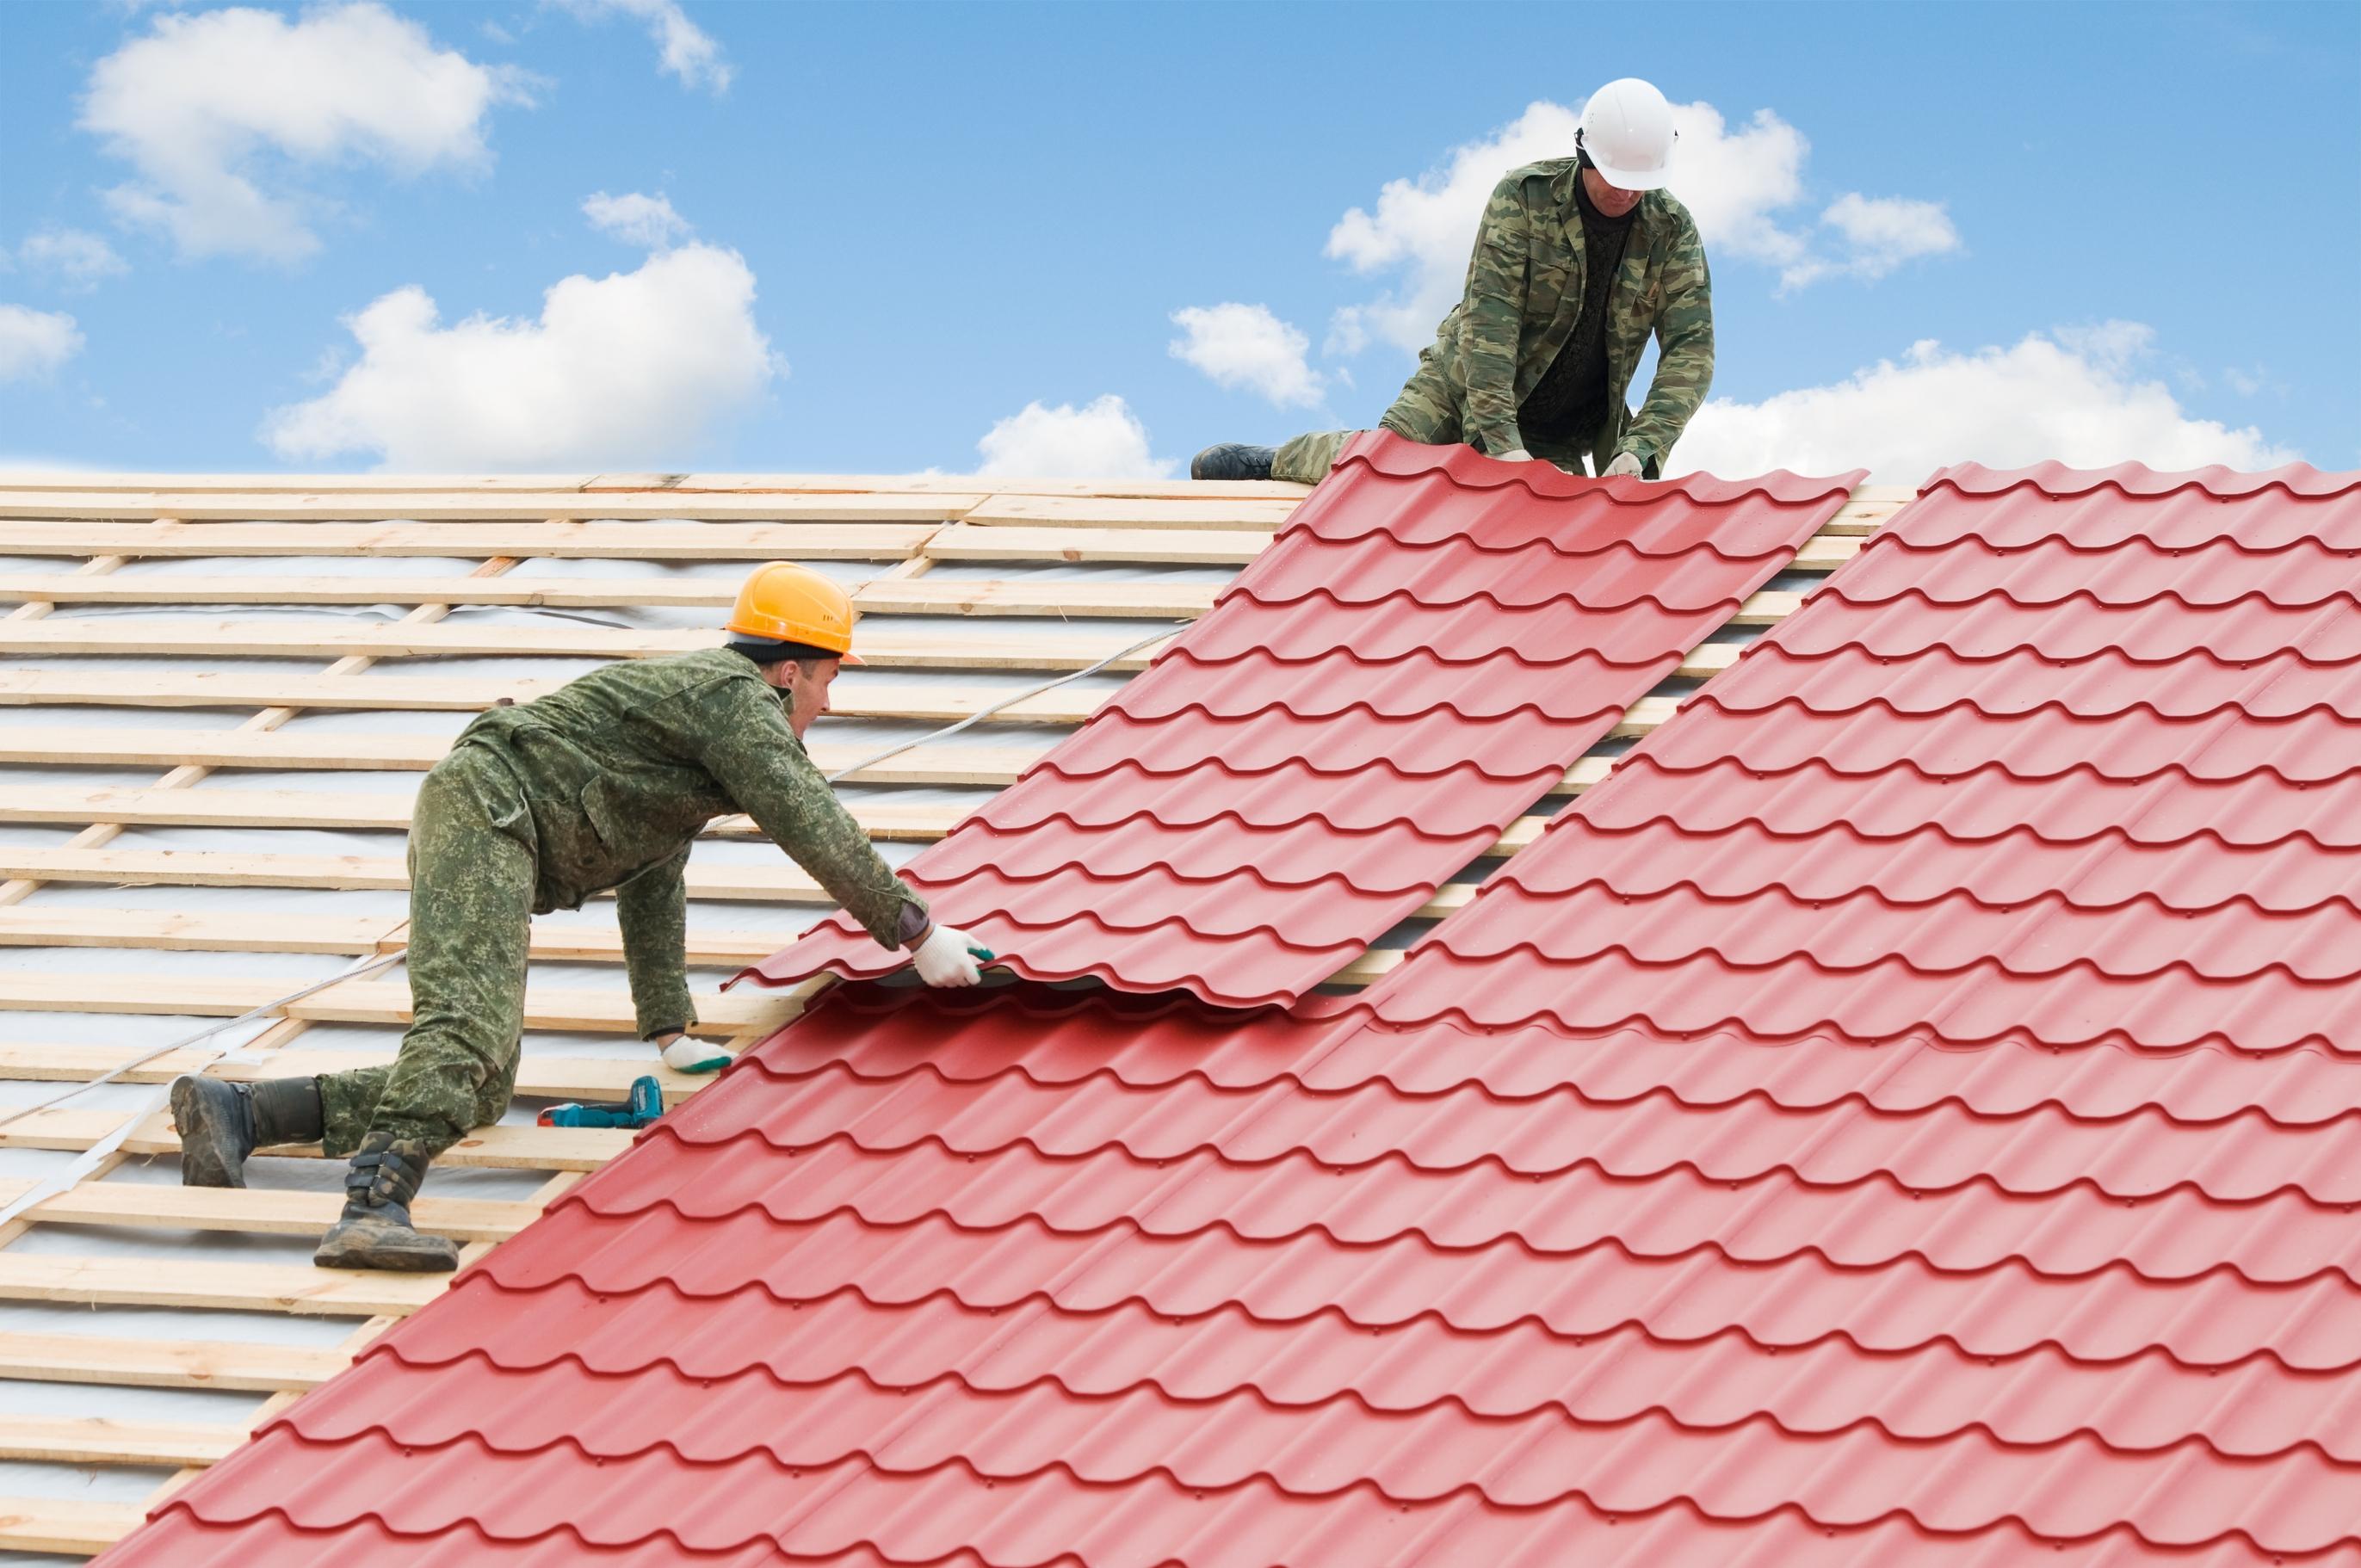 Tự sửa mái nhà chuyên nghiệp với thang nhôm rút Hakachi